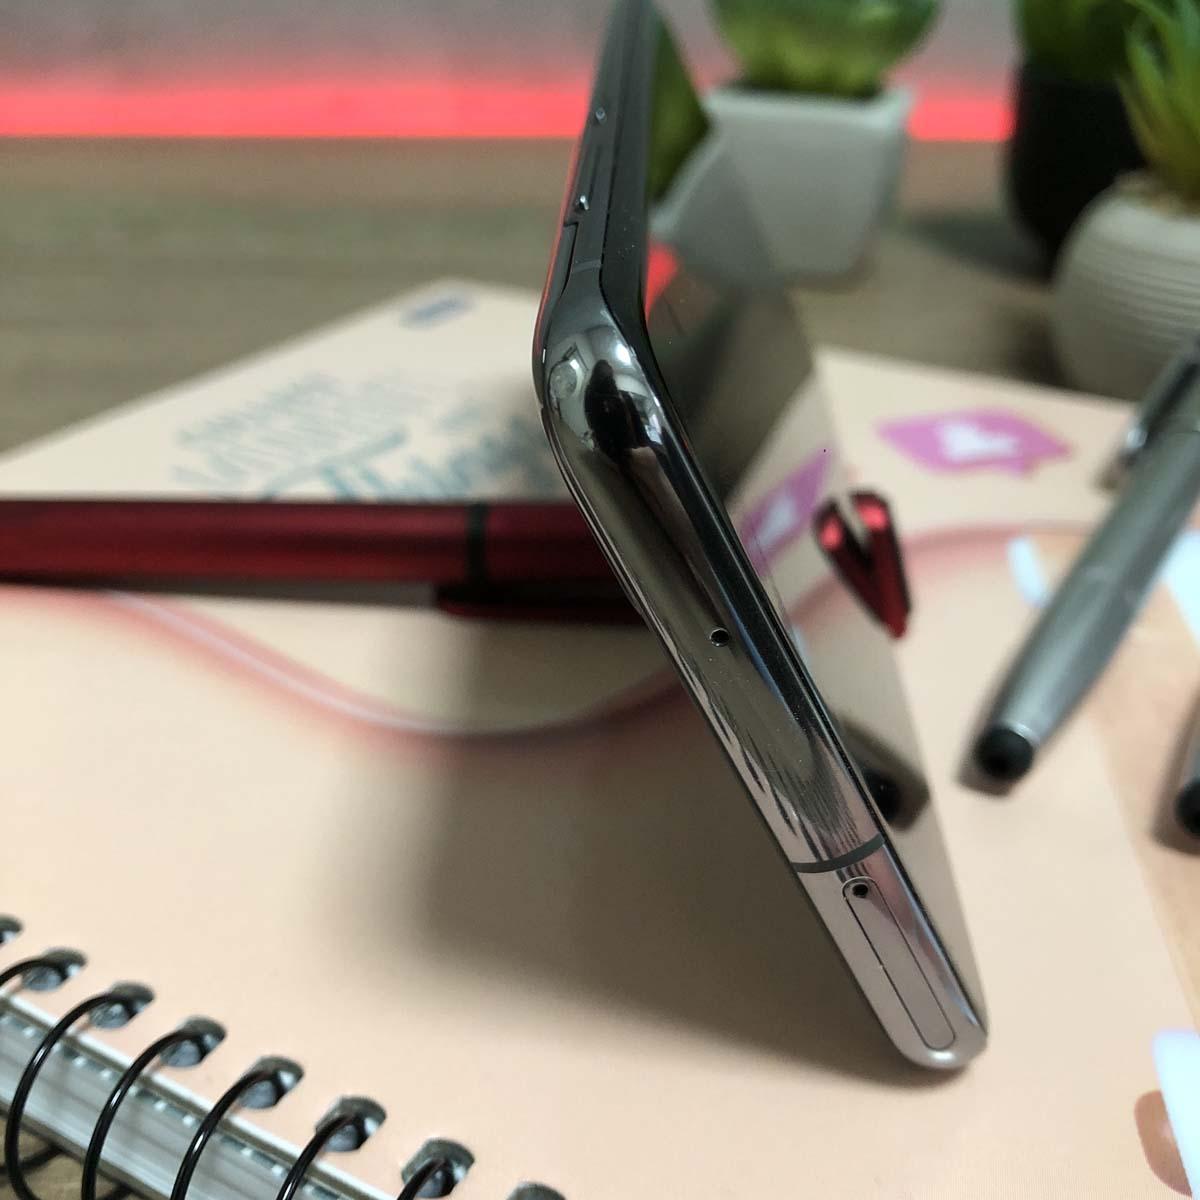 Caneta Touch Screen Esferográfica e Porta Celular Vermelha